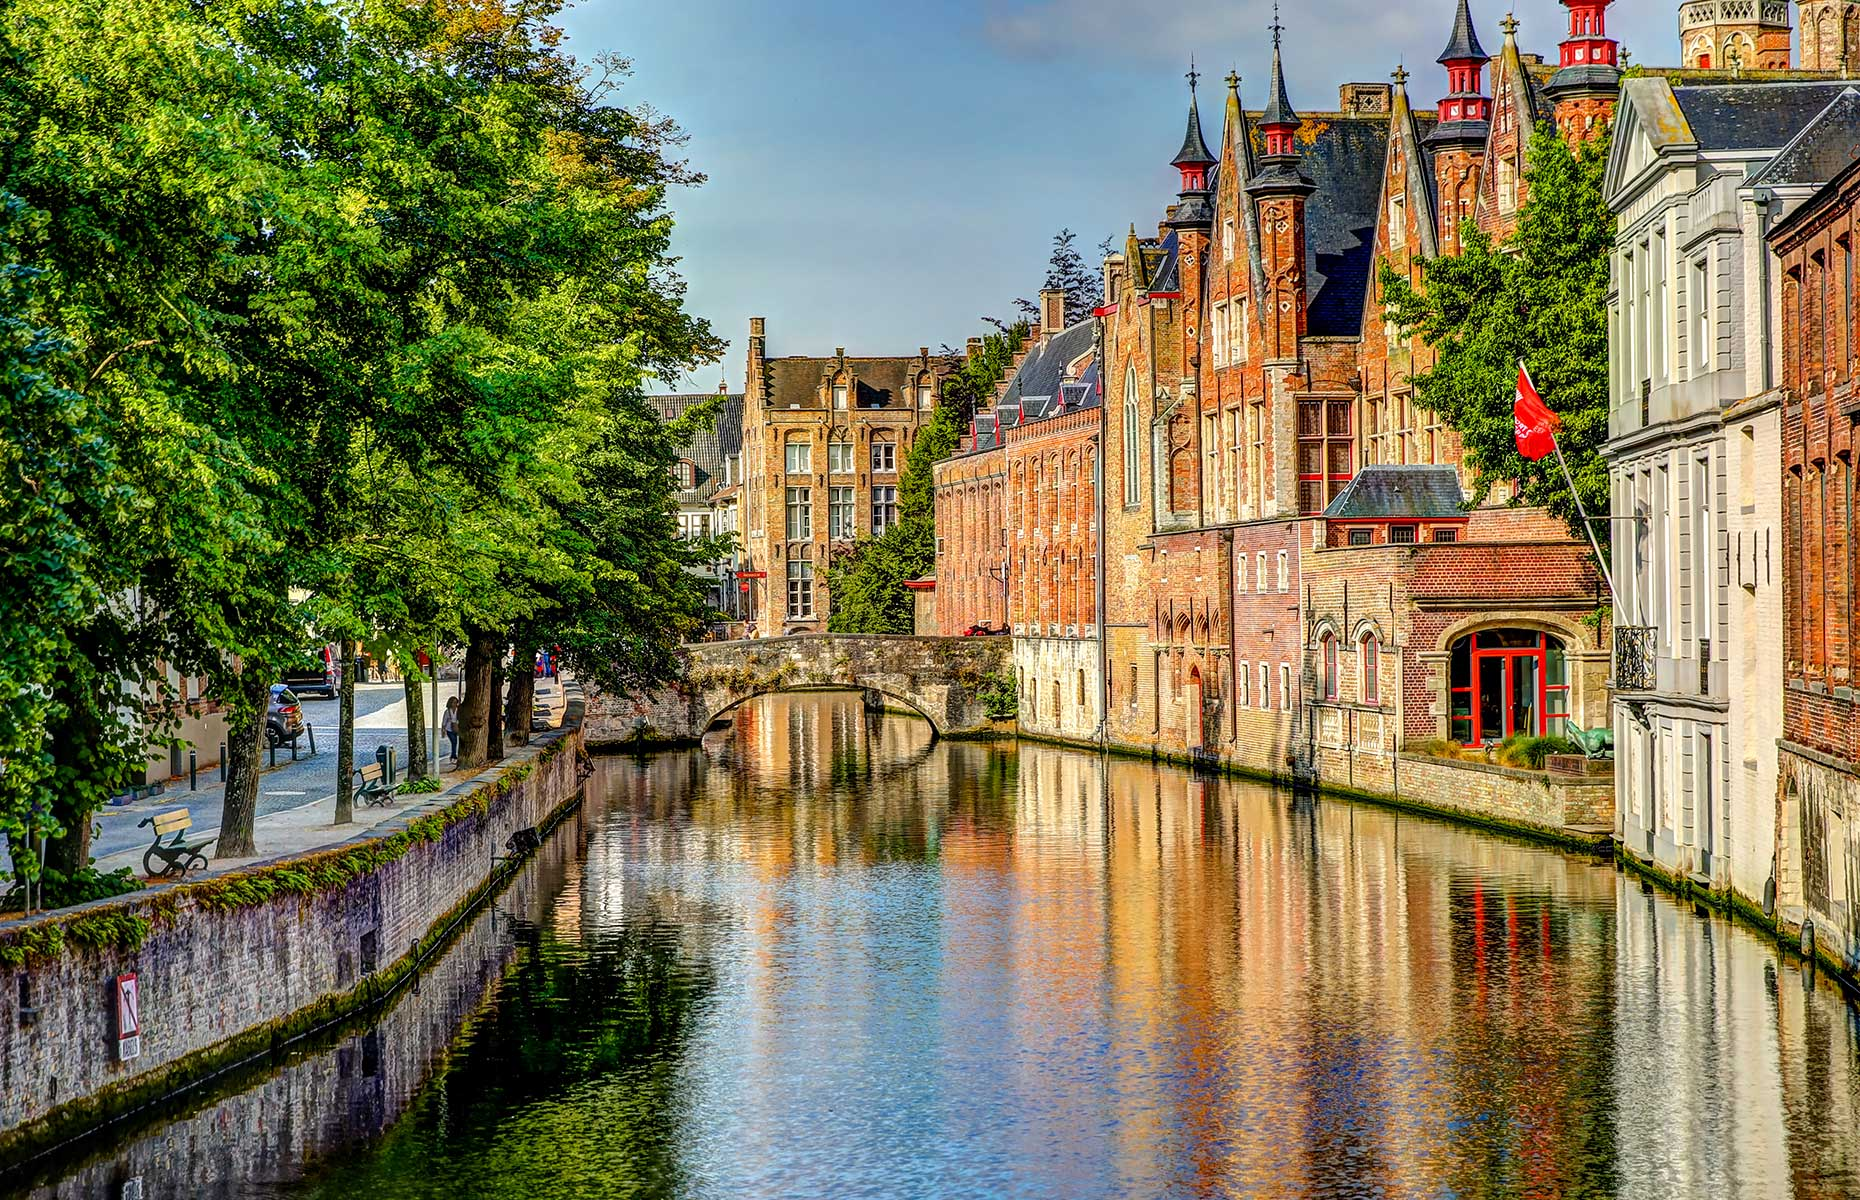 Bruges (Images: Todamo/Shutterstock)